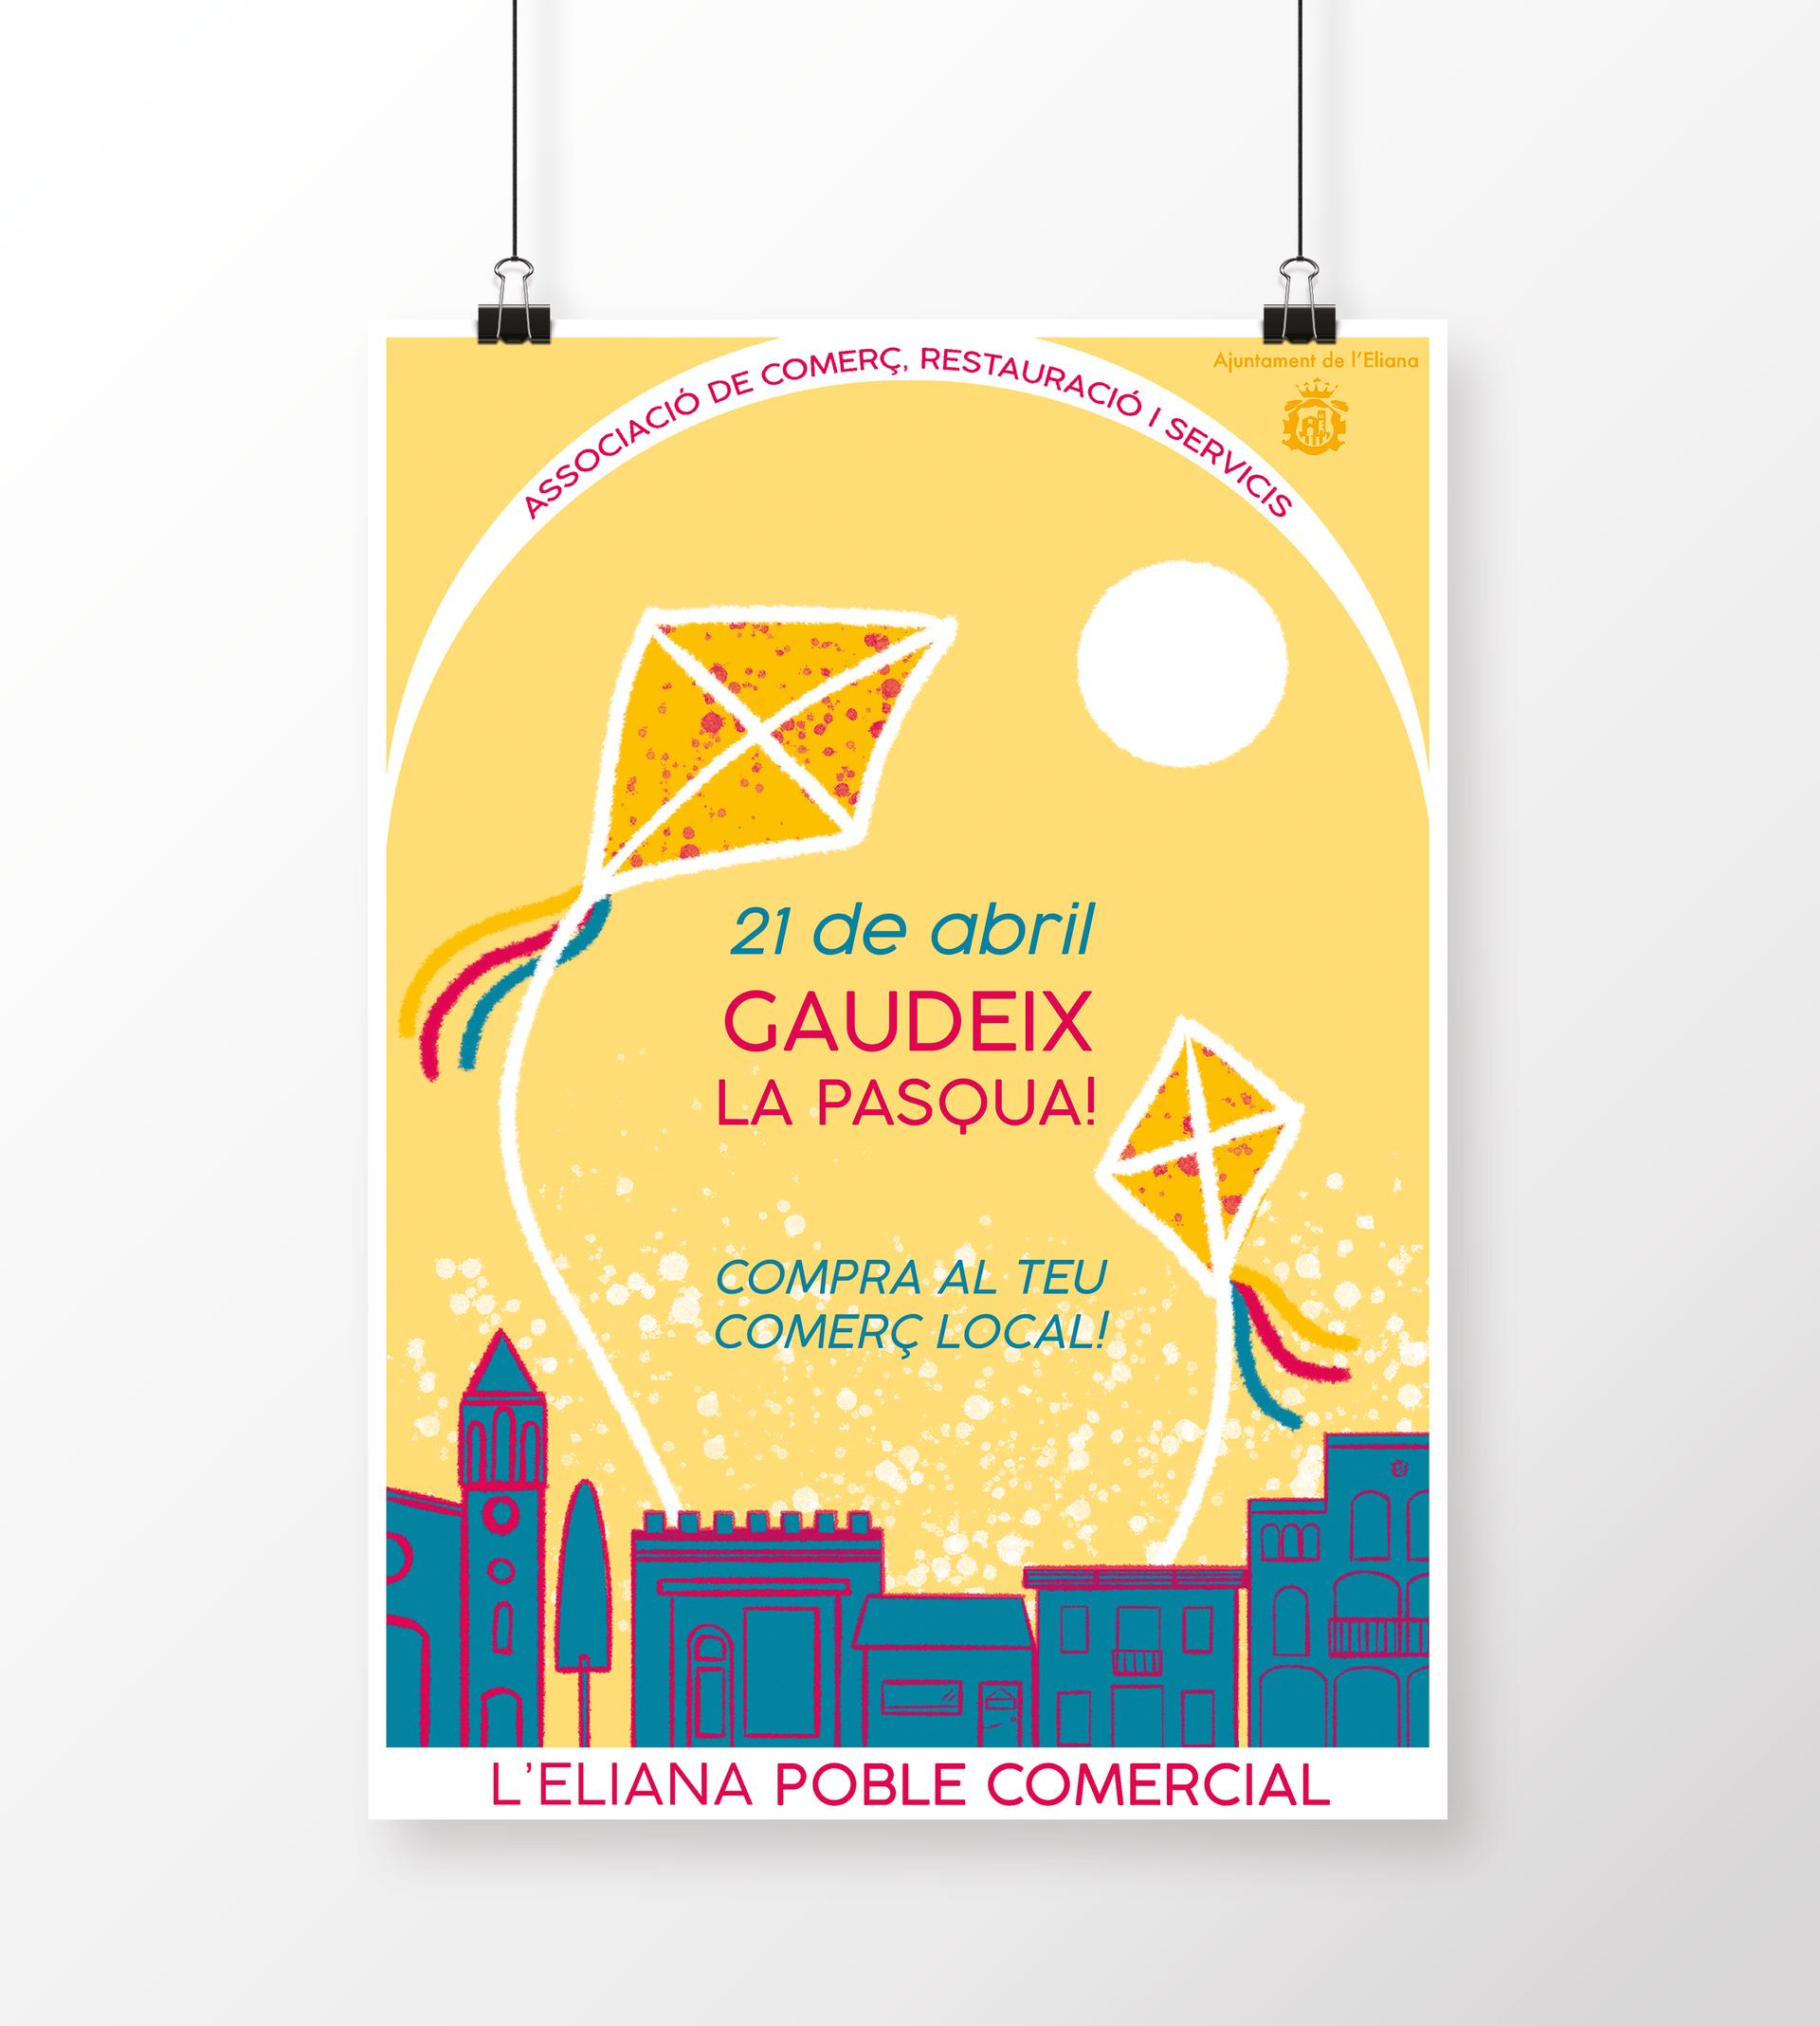 Sonia Sanmartín Ilustración Cartelería Diseño Gráfico L'Eliana Poble Comercial Pascua